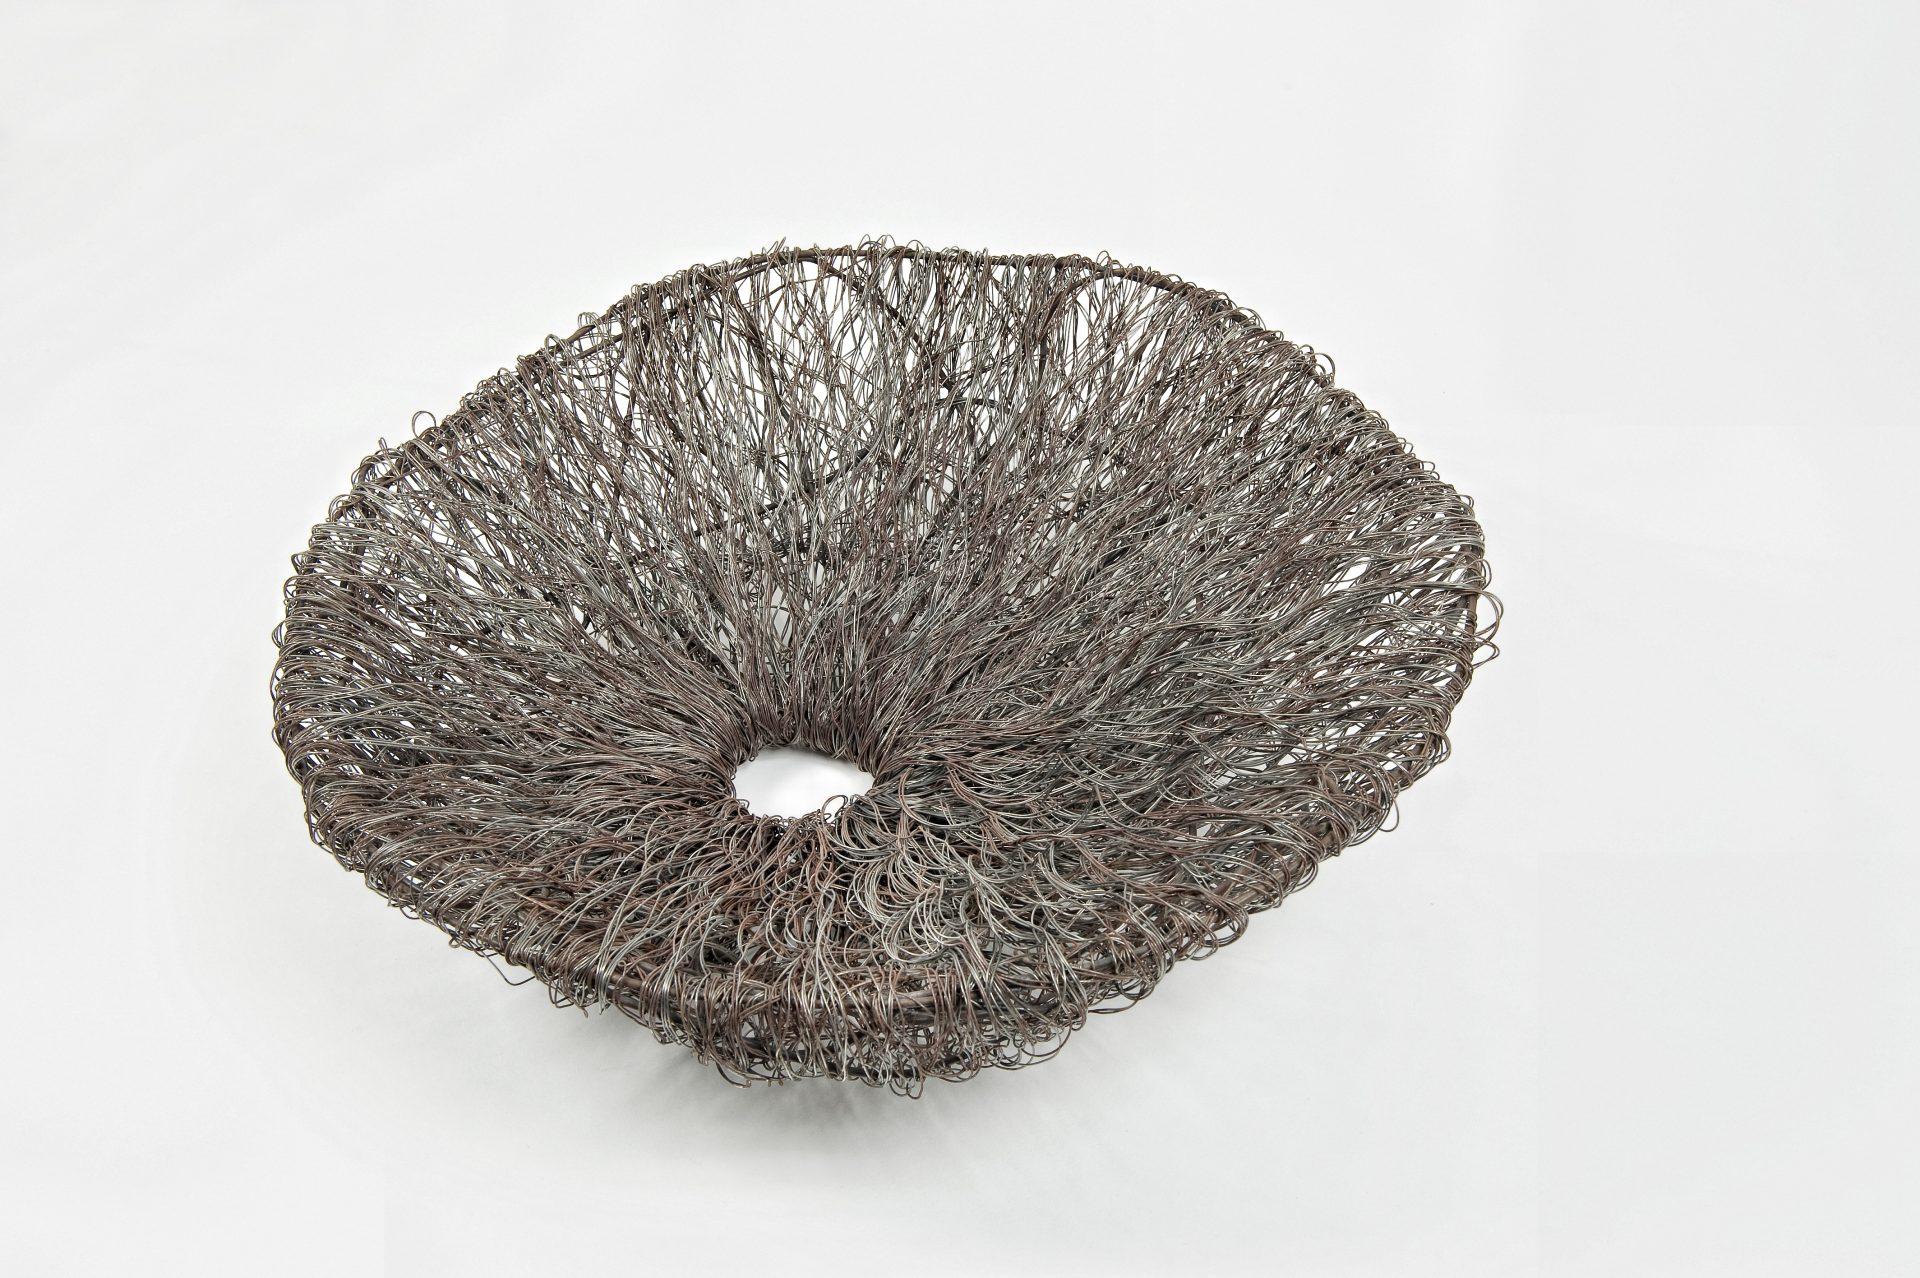 Gli oggetti del desiderio<br>DDR03<br><br>tecnica: filo di ferro dolce<br>anno: 2014<br><br>DISPONIBILE